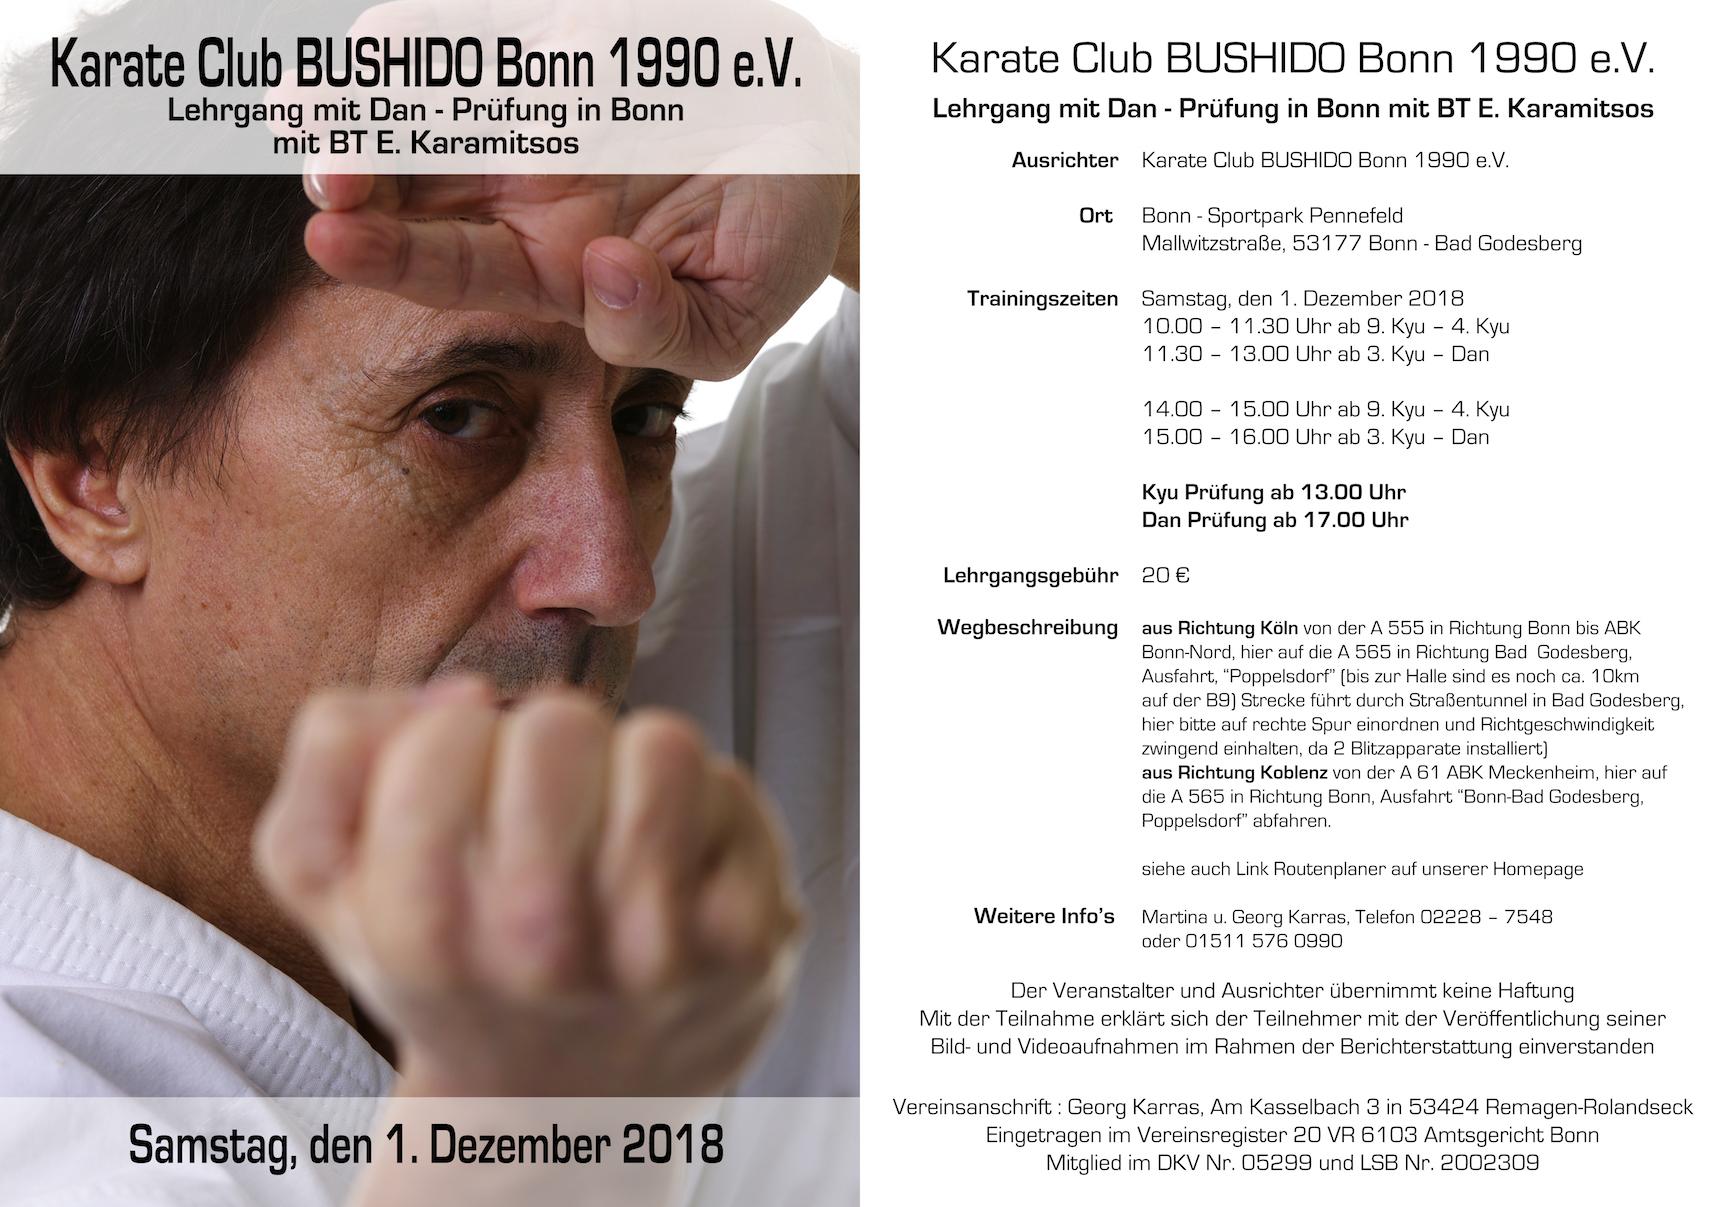 Lehrgang mit Dan - Prüfung in Bonn